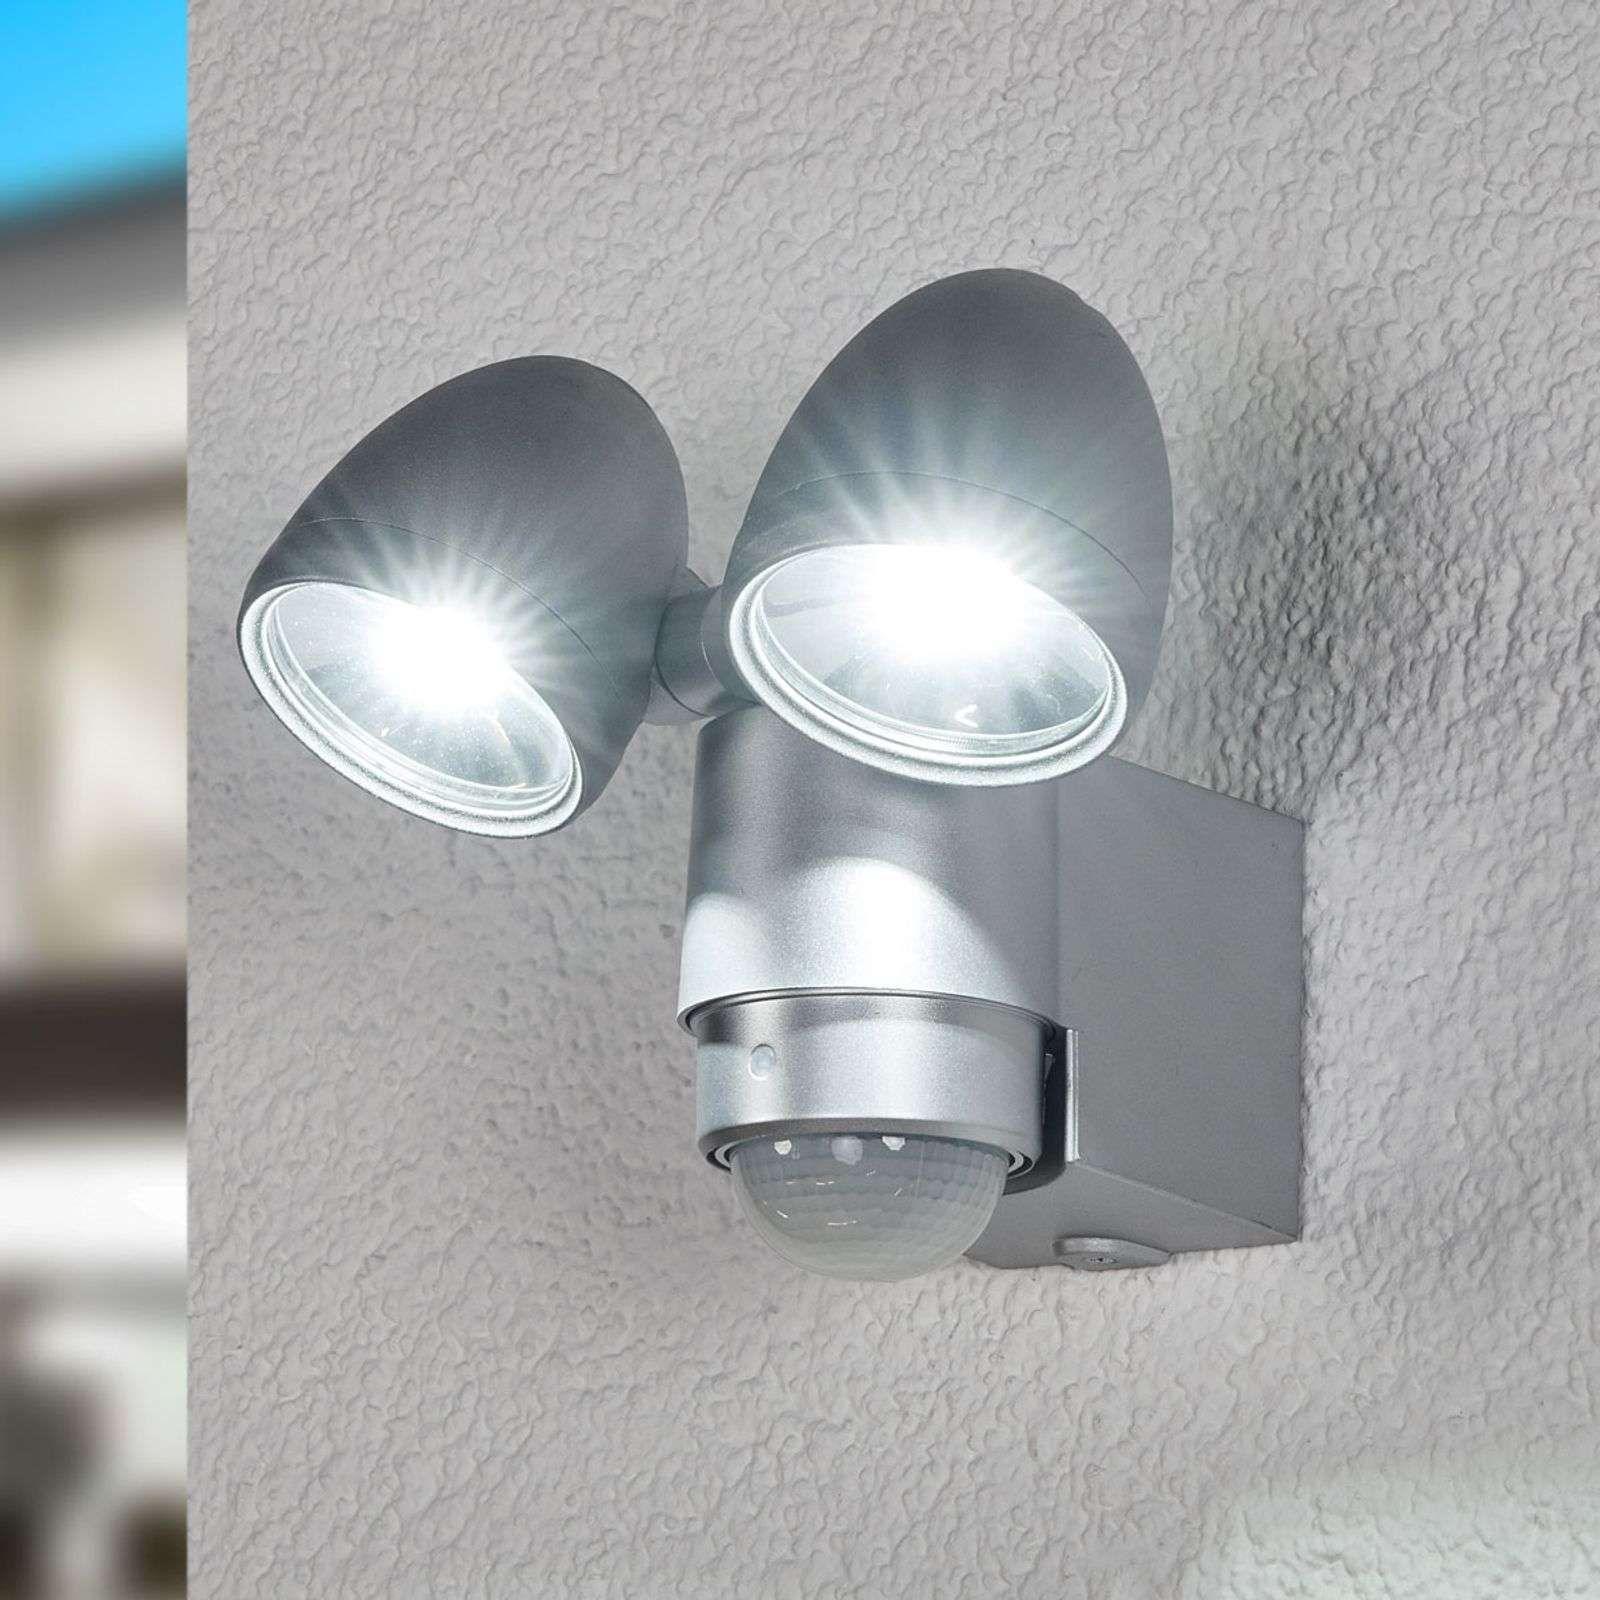 2 Lichts Led Buitenwandspot Radial Van Globo In 2020 Kast Verlichting Led Lamp Led